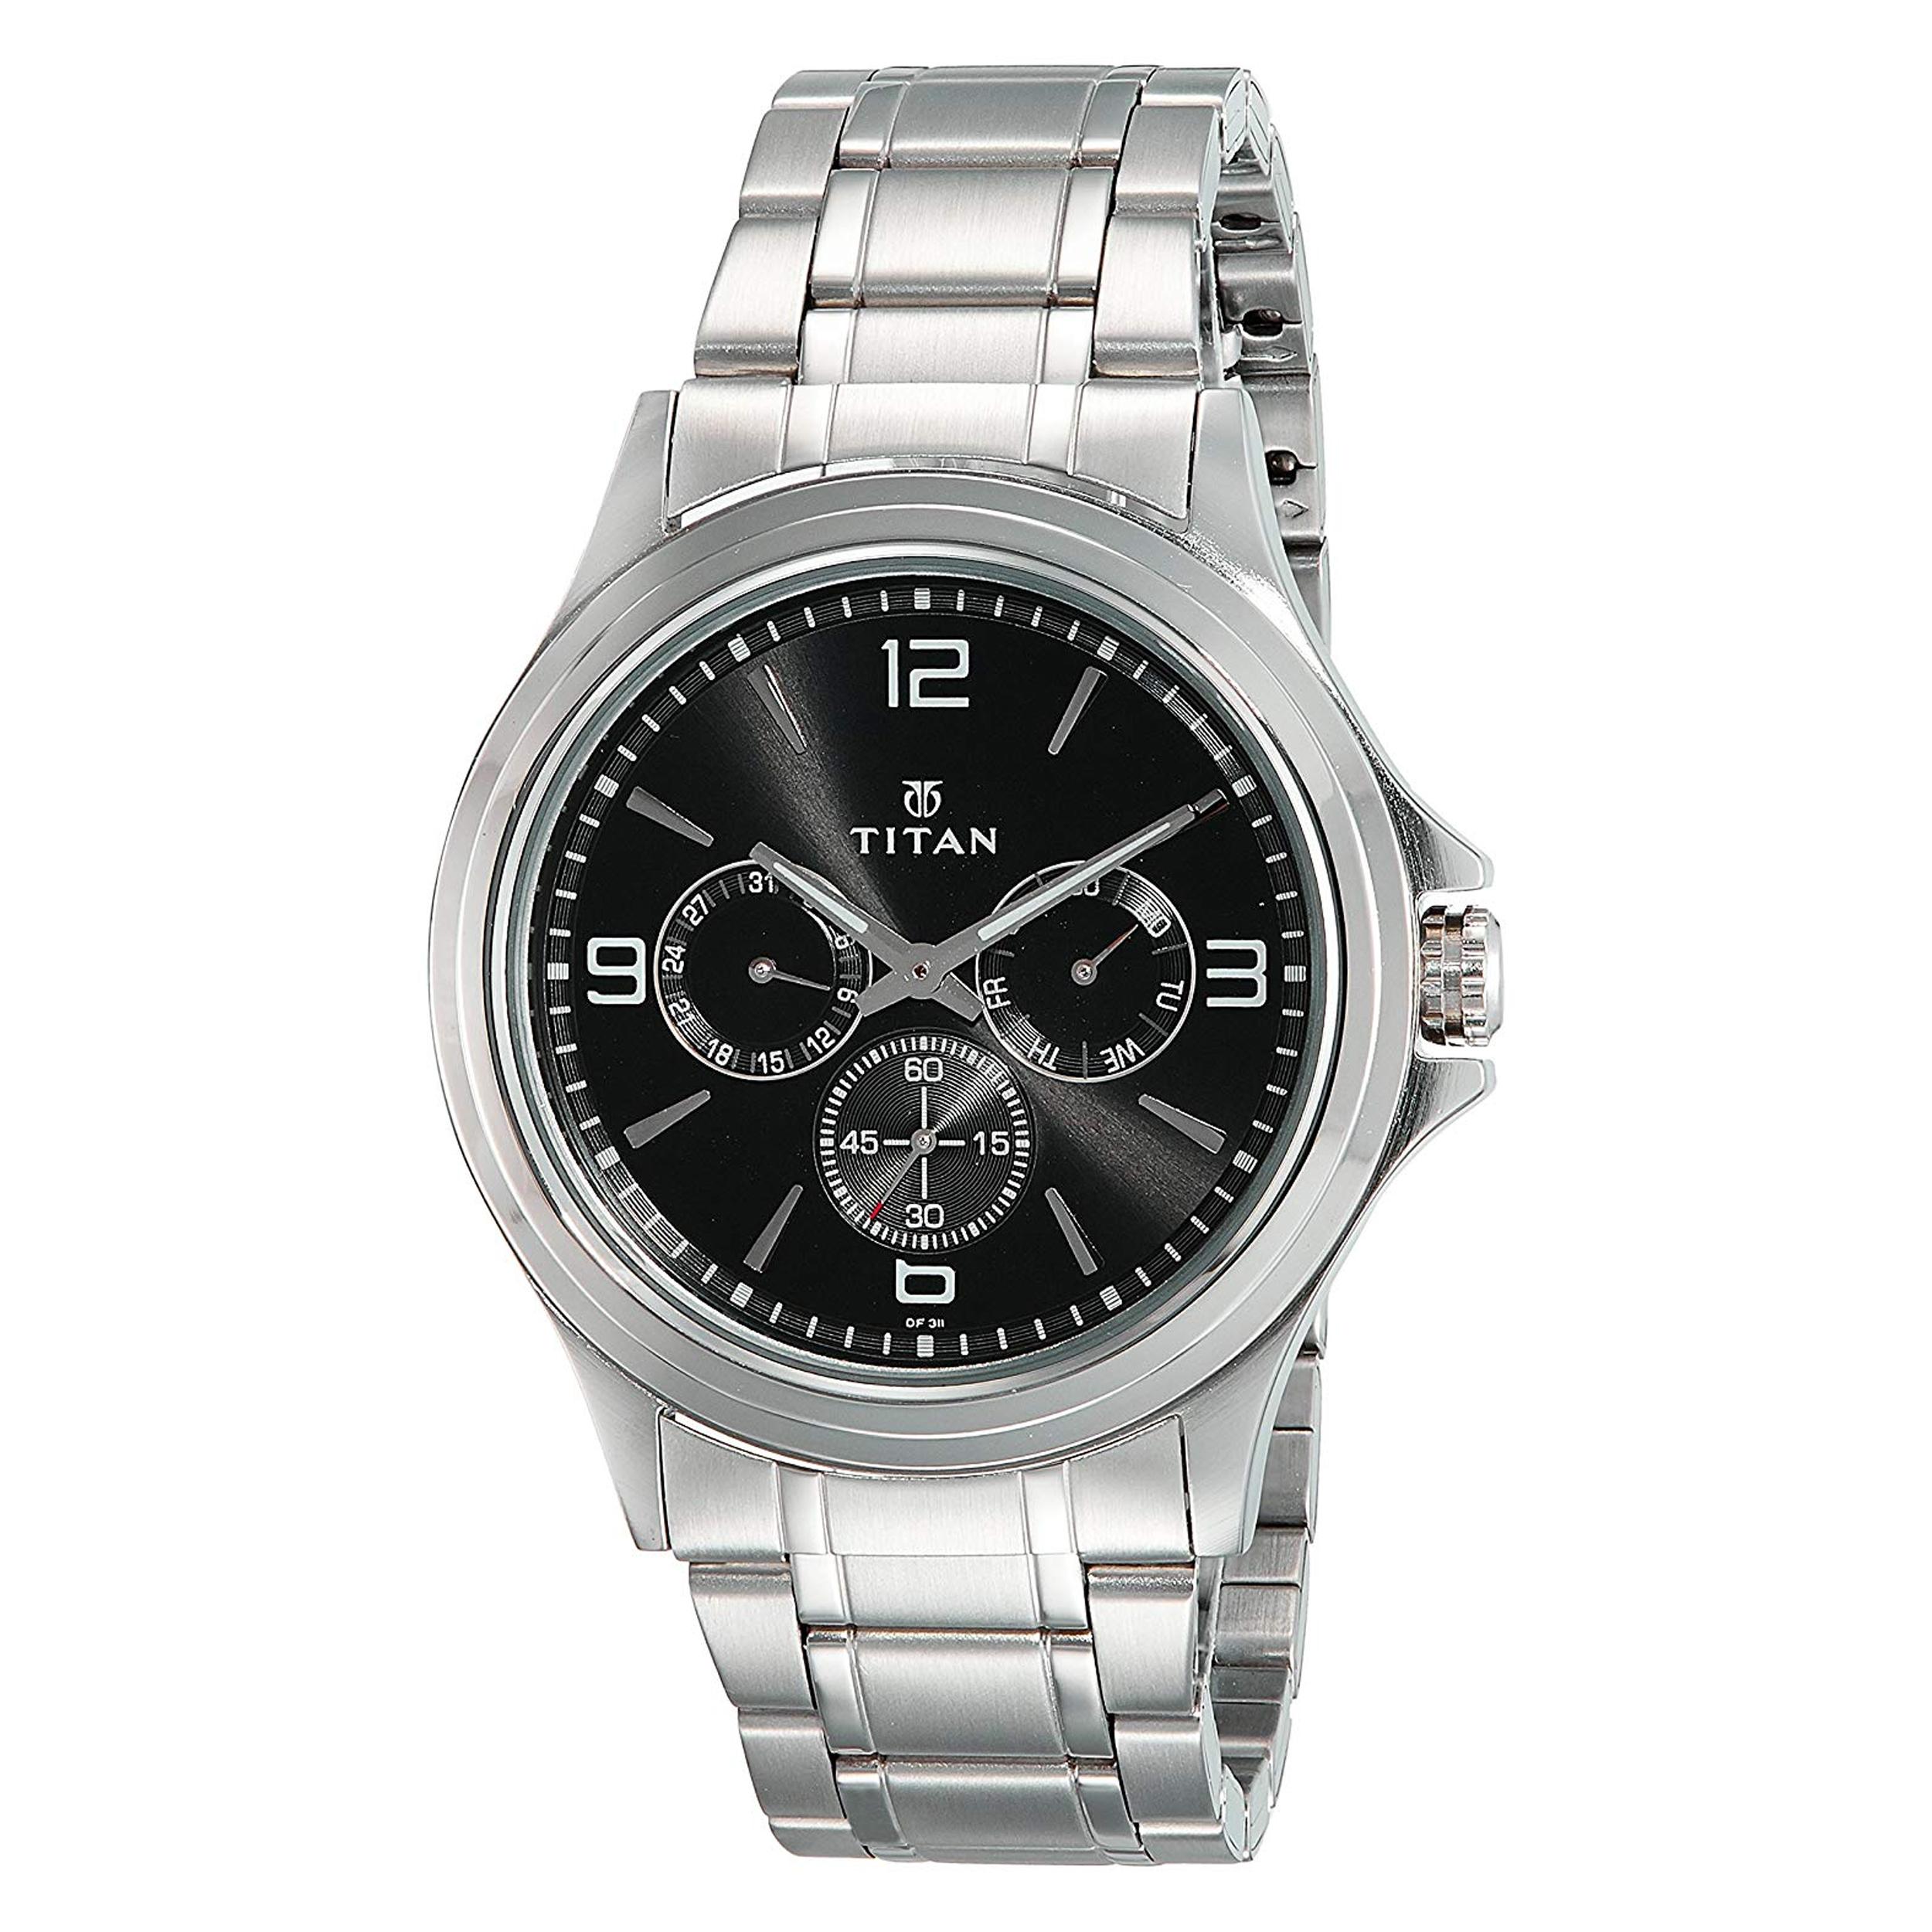 ساعت مچی عقربه ای مردانه تیتان مدل T1698SM01